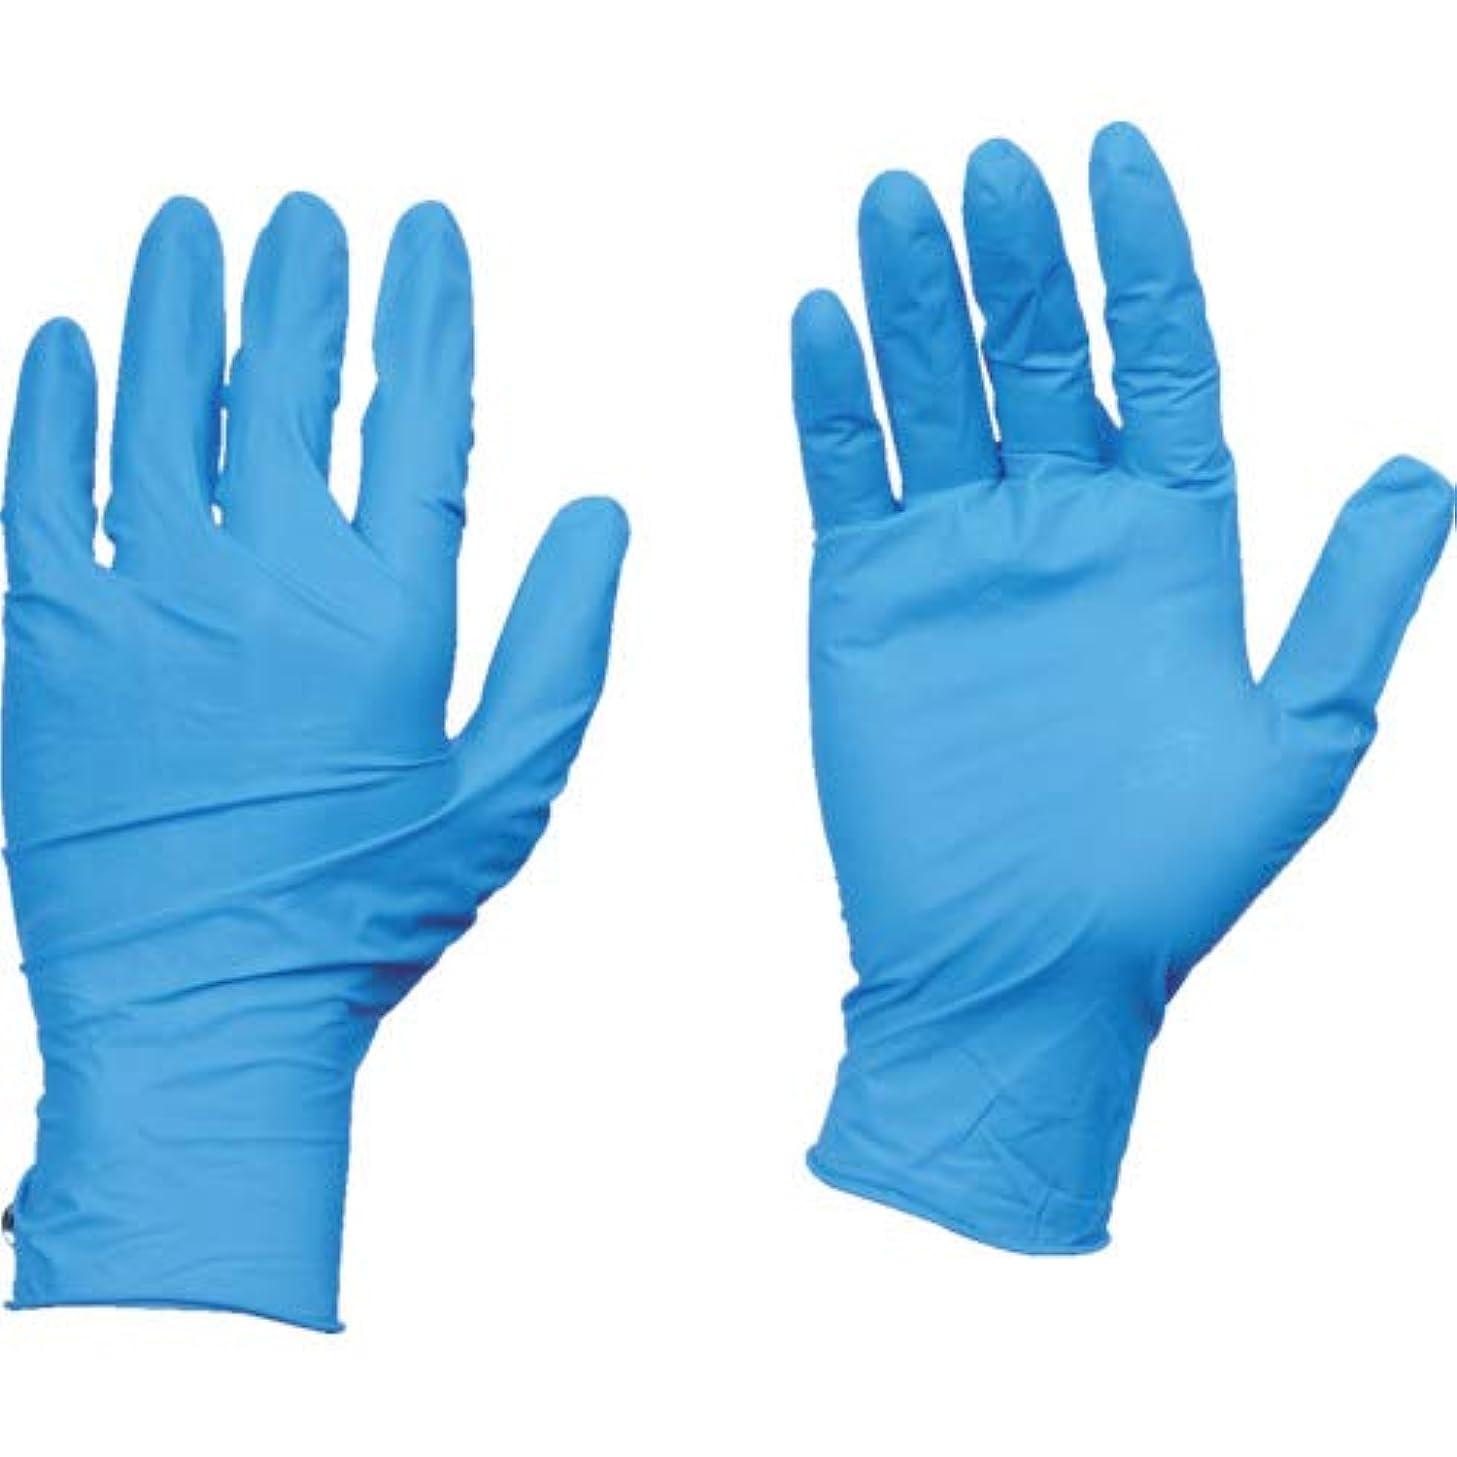 分布子宿泊施設TRUSCO(トラスコ) 10箱入り 使い捨て天然ゴム手袋TGワーク 0.10 粉付青M TGPL10BM10C